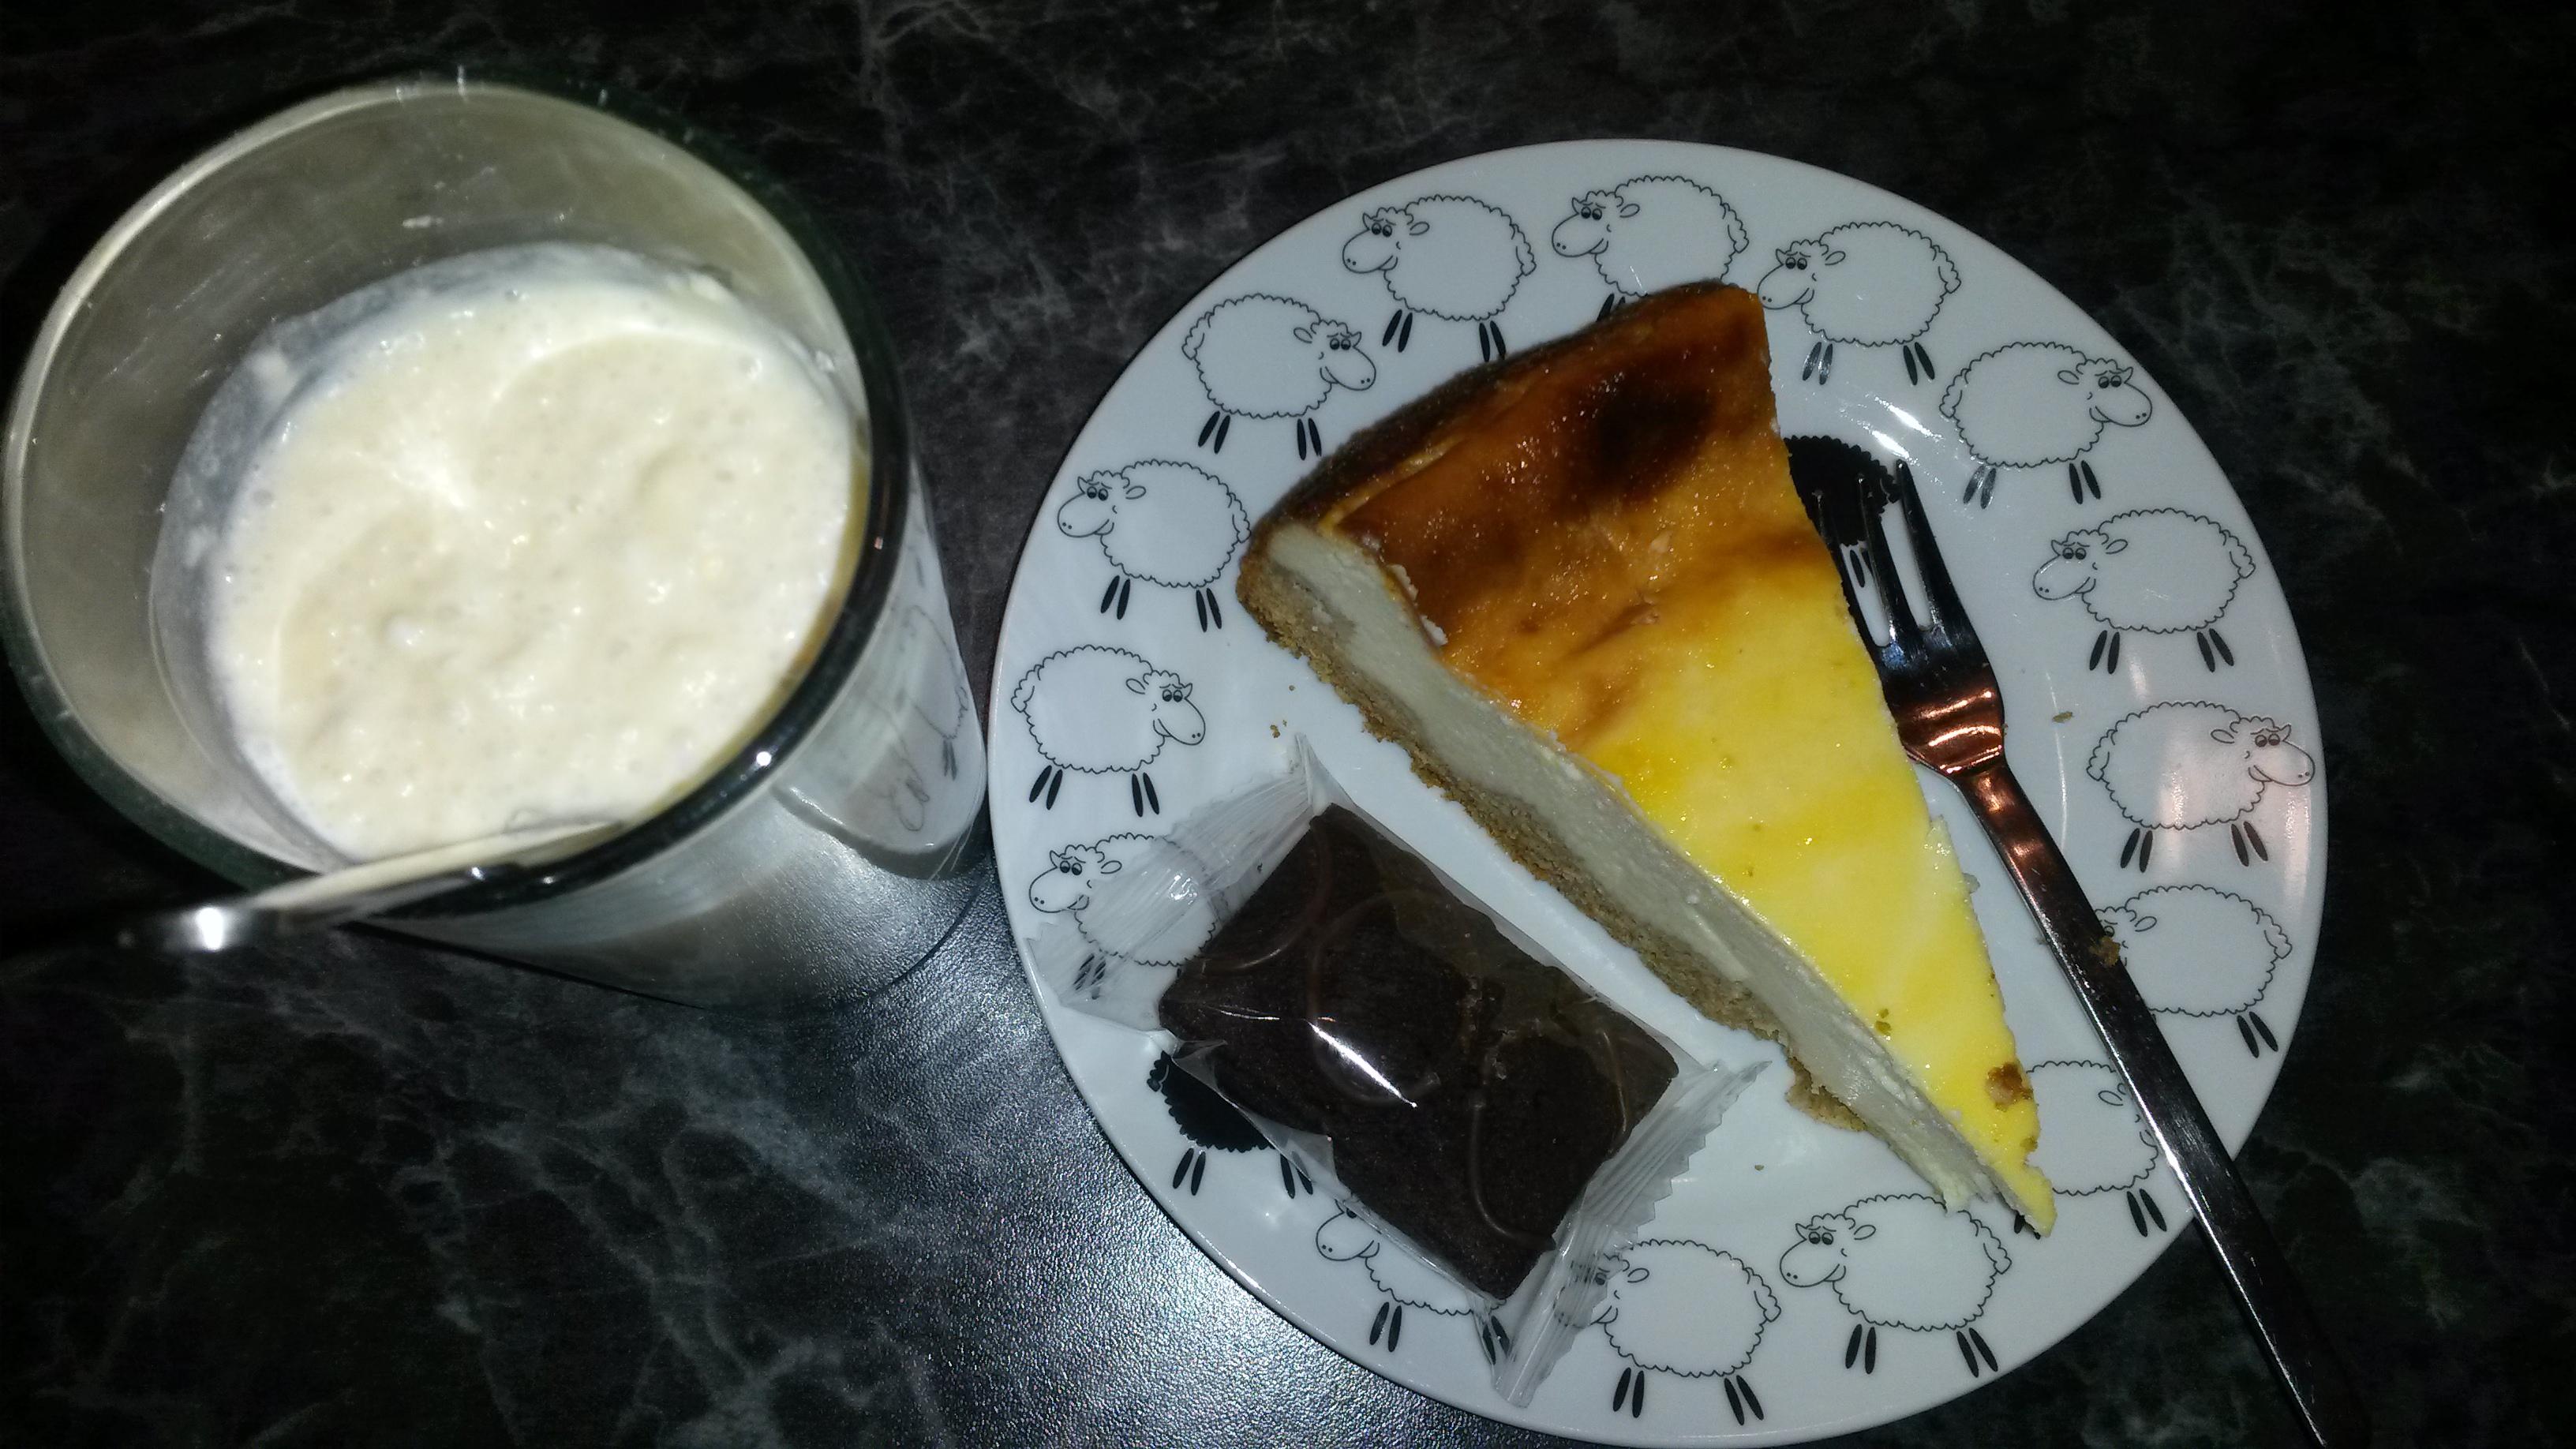 http://foodloader.net/sk0r_2014-04-12_Proteinshake_Kaesekuchen_Brownie.jpg